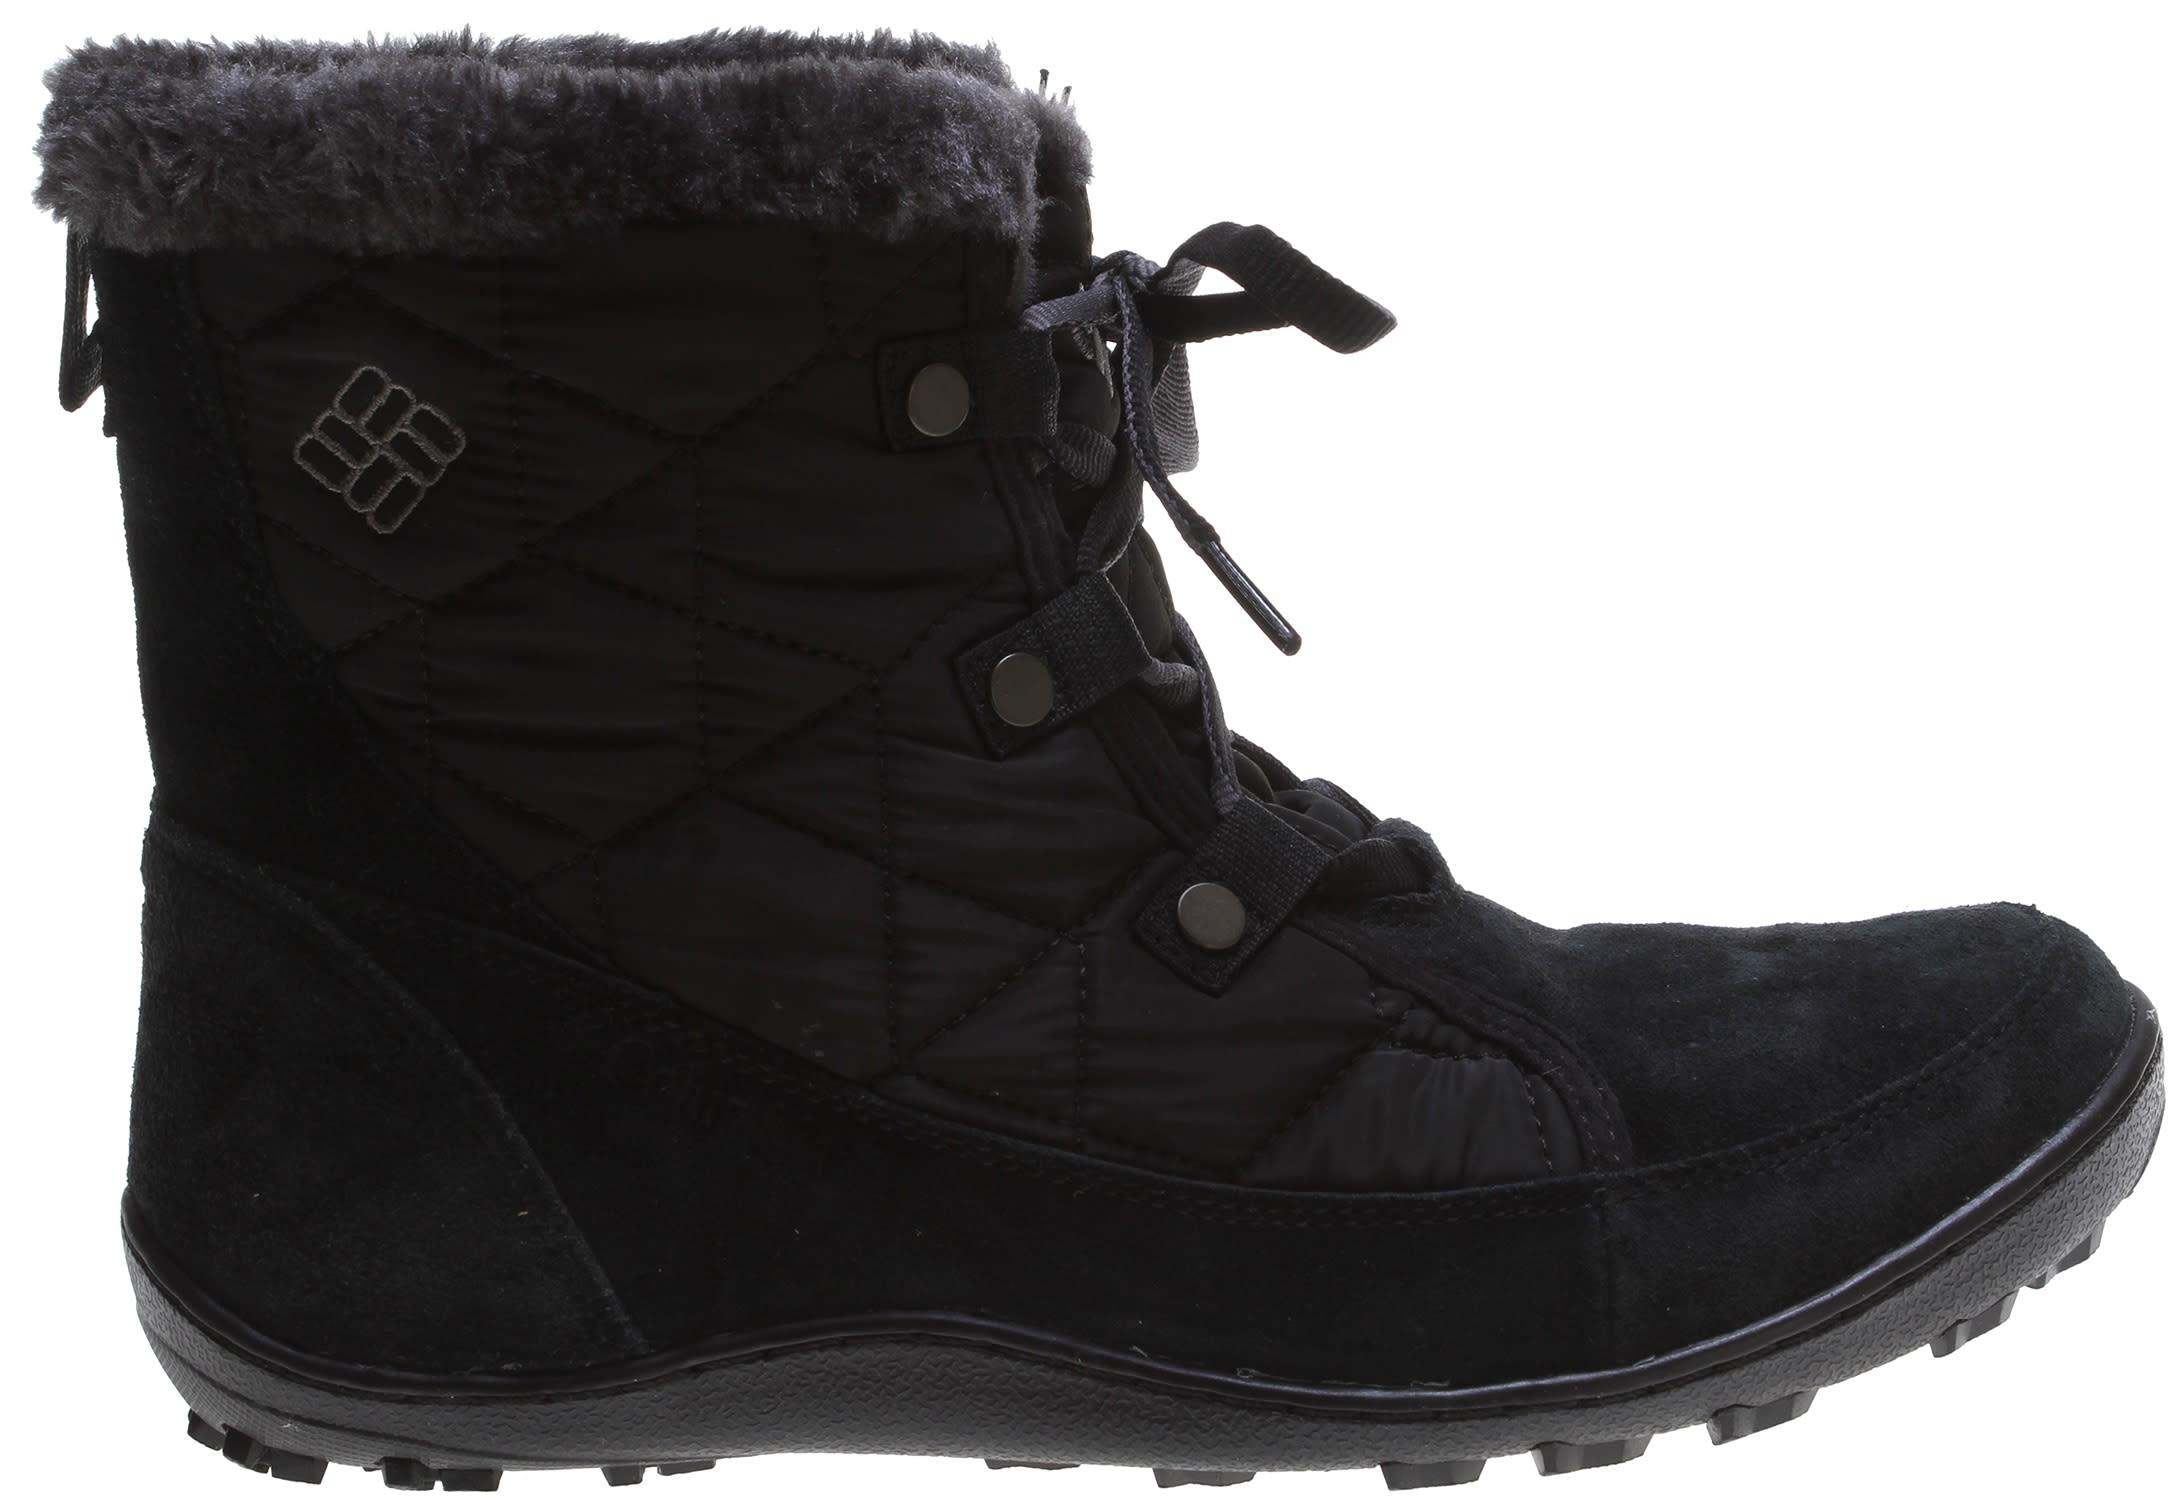 Ski Boots Sale >> Columbia Minx Shorty Omni-Heat Boots - Womens